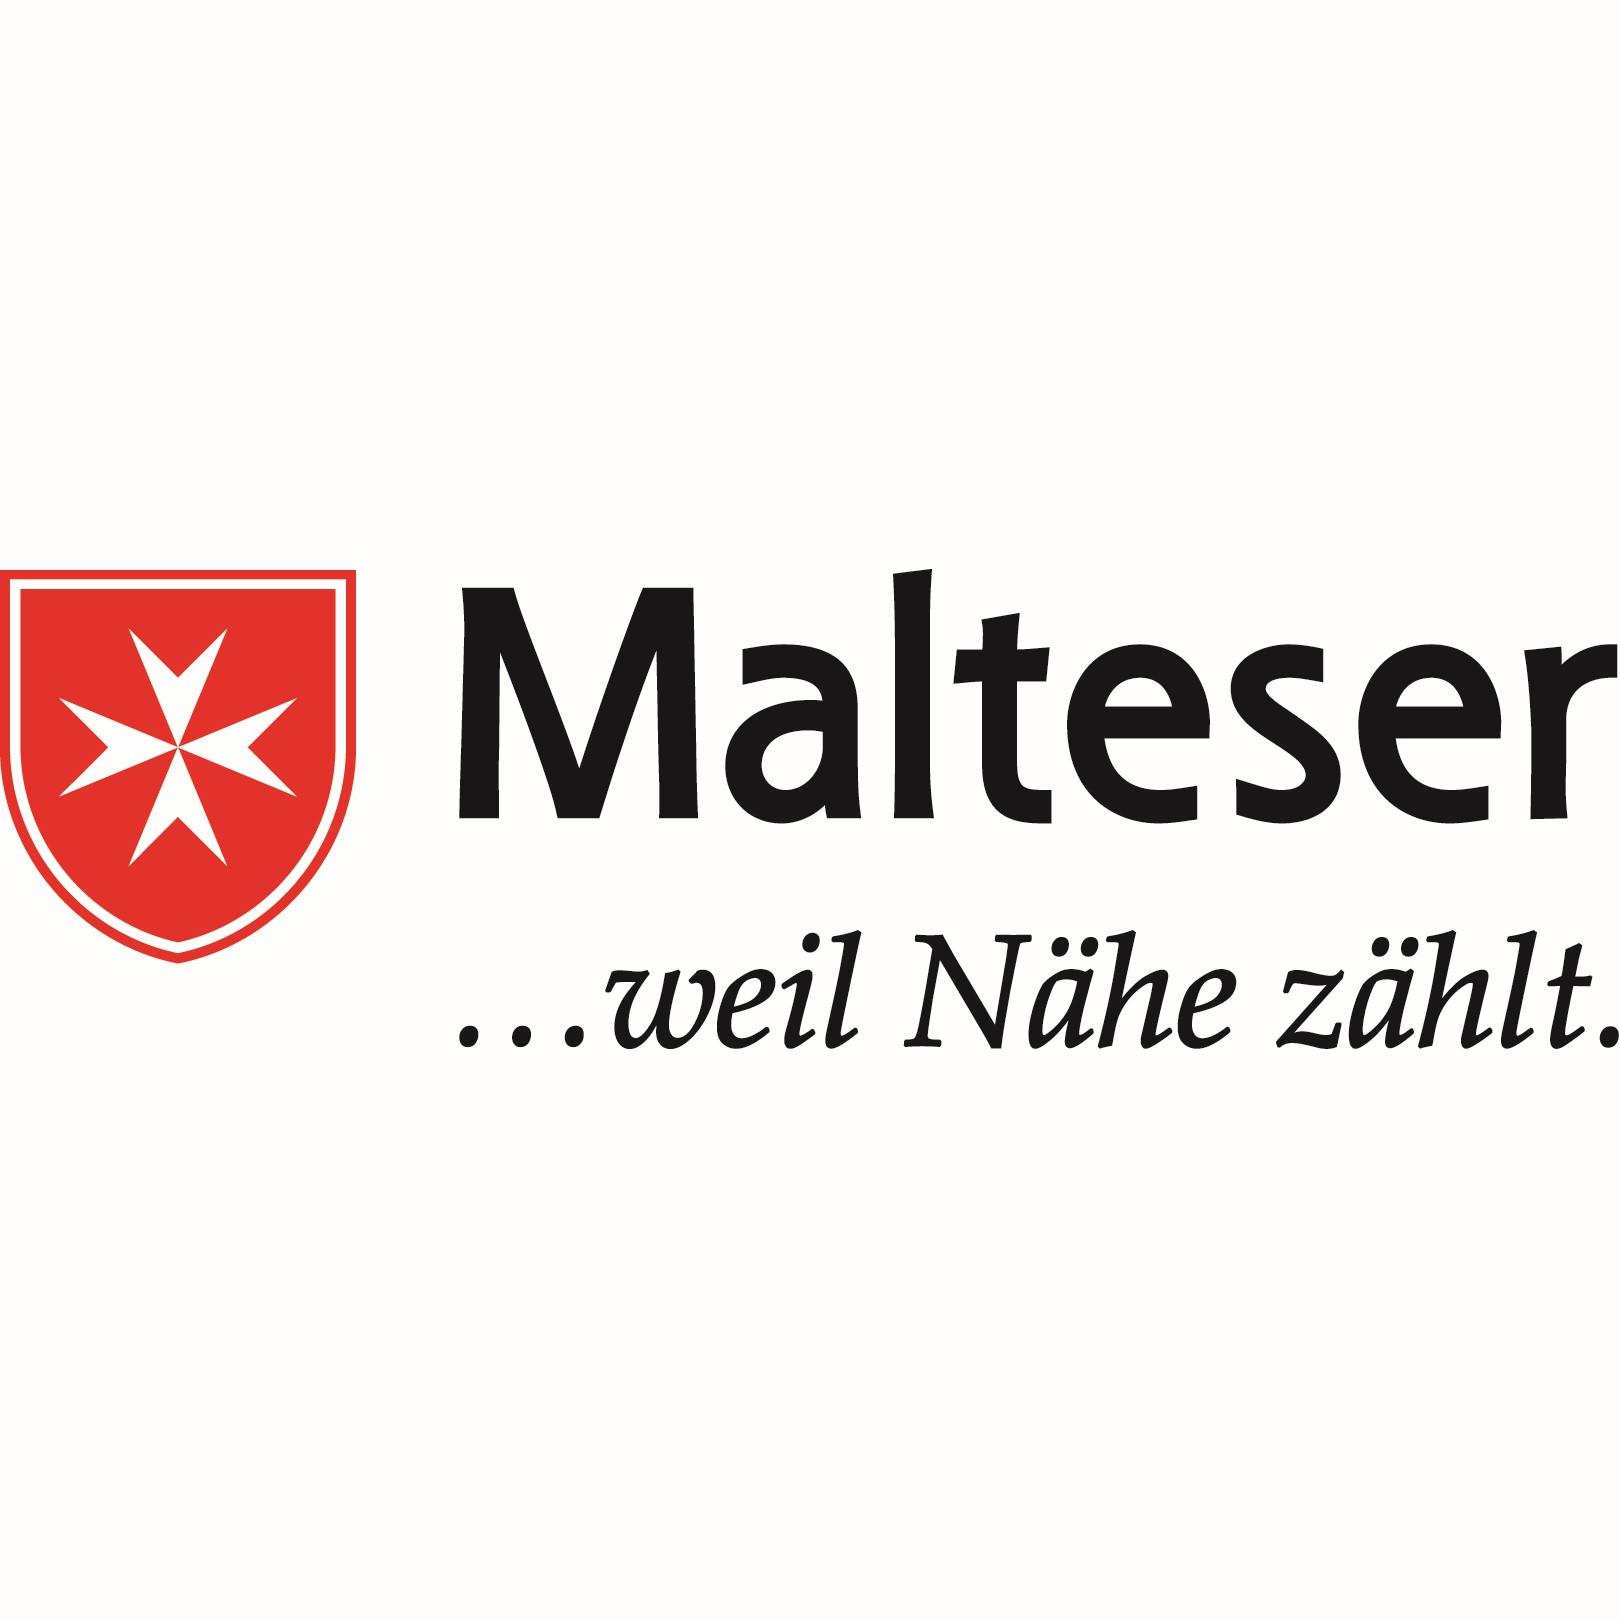 Die Malteser in Unterstützung der Familie von Felix